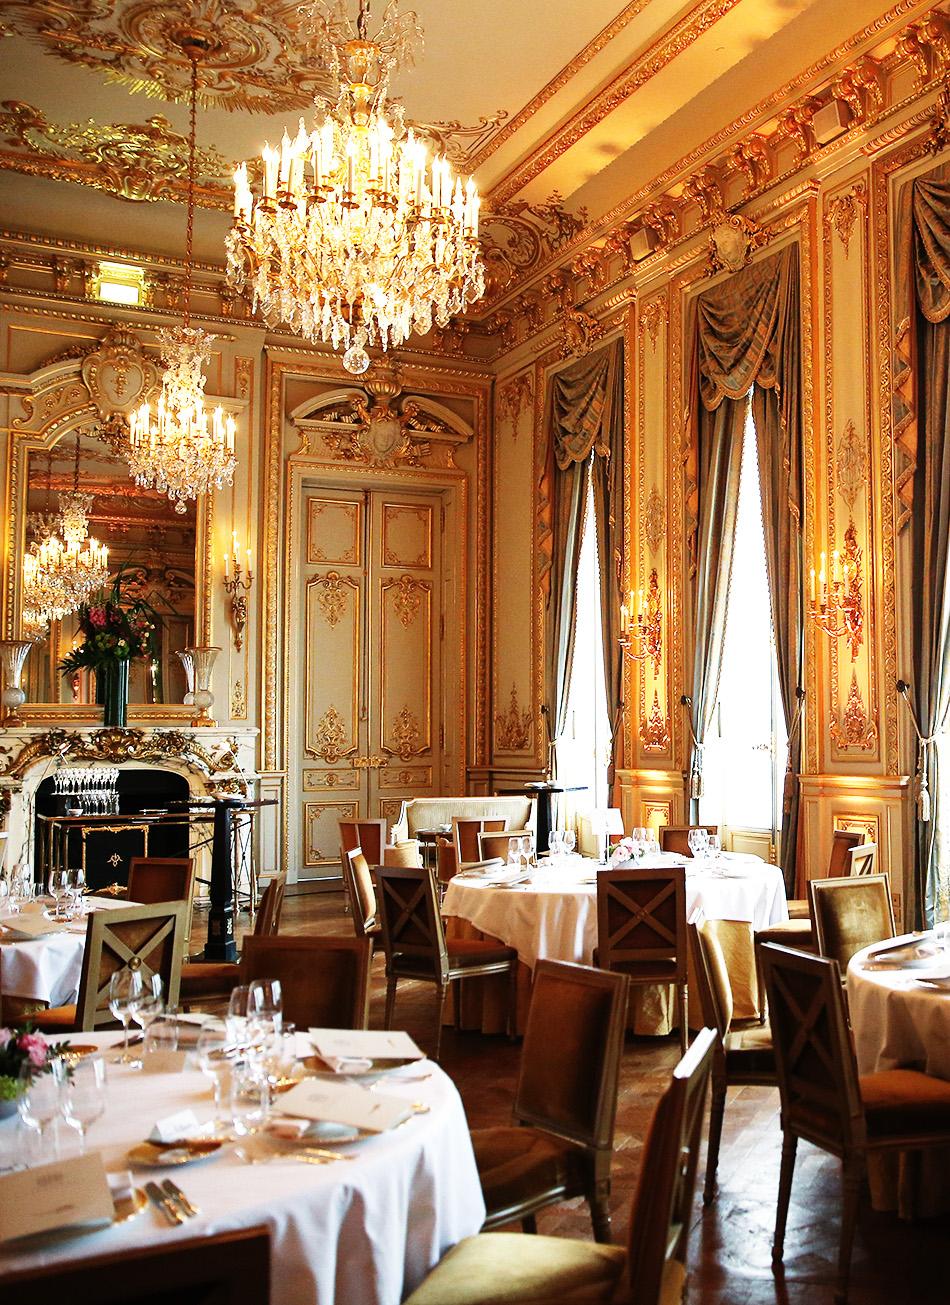 Royal Saint Germain Hotel Paris Tripadvisor